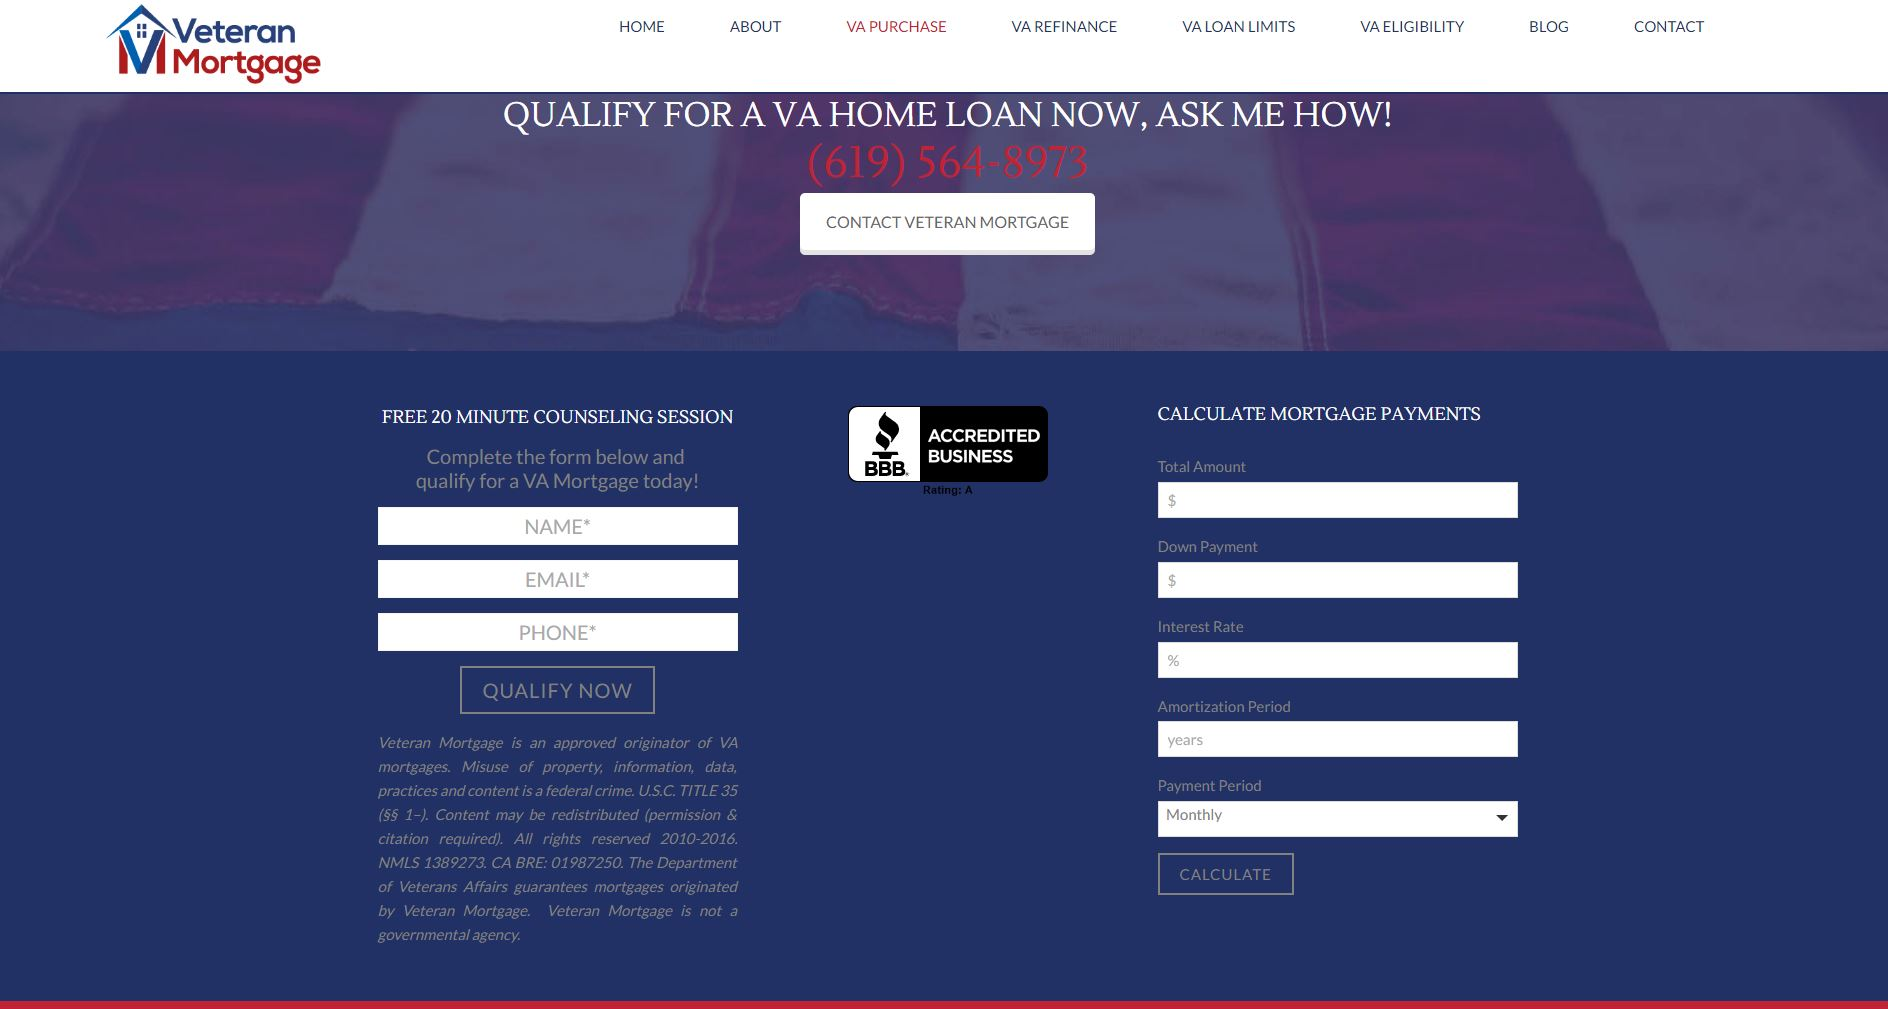 Mortgage Finance Website Design vm3